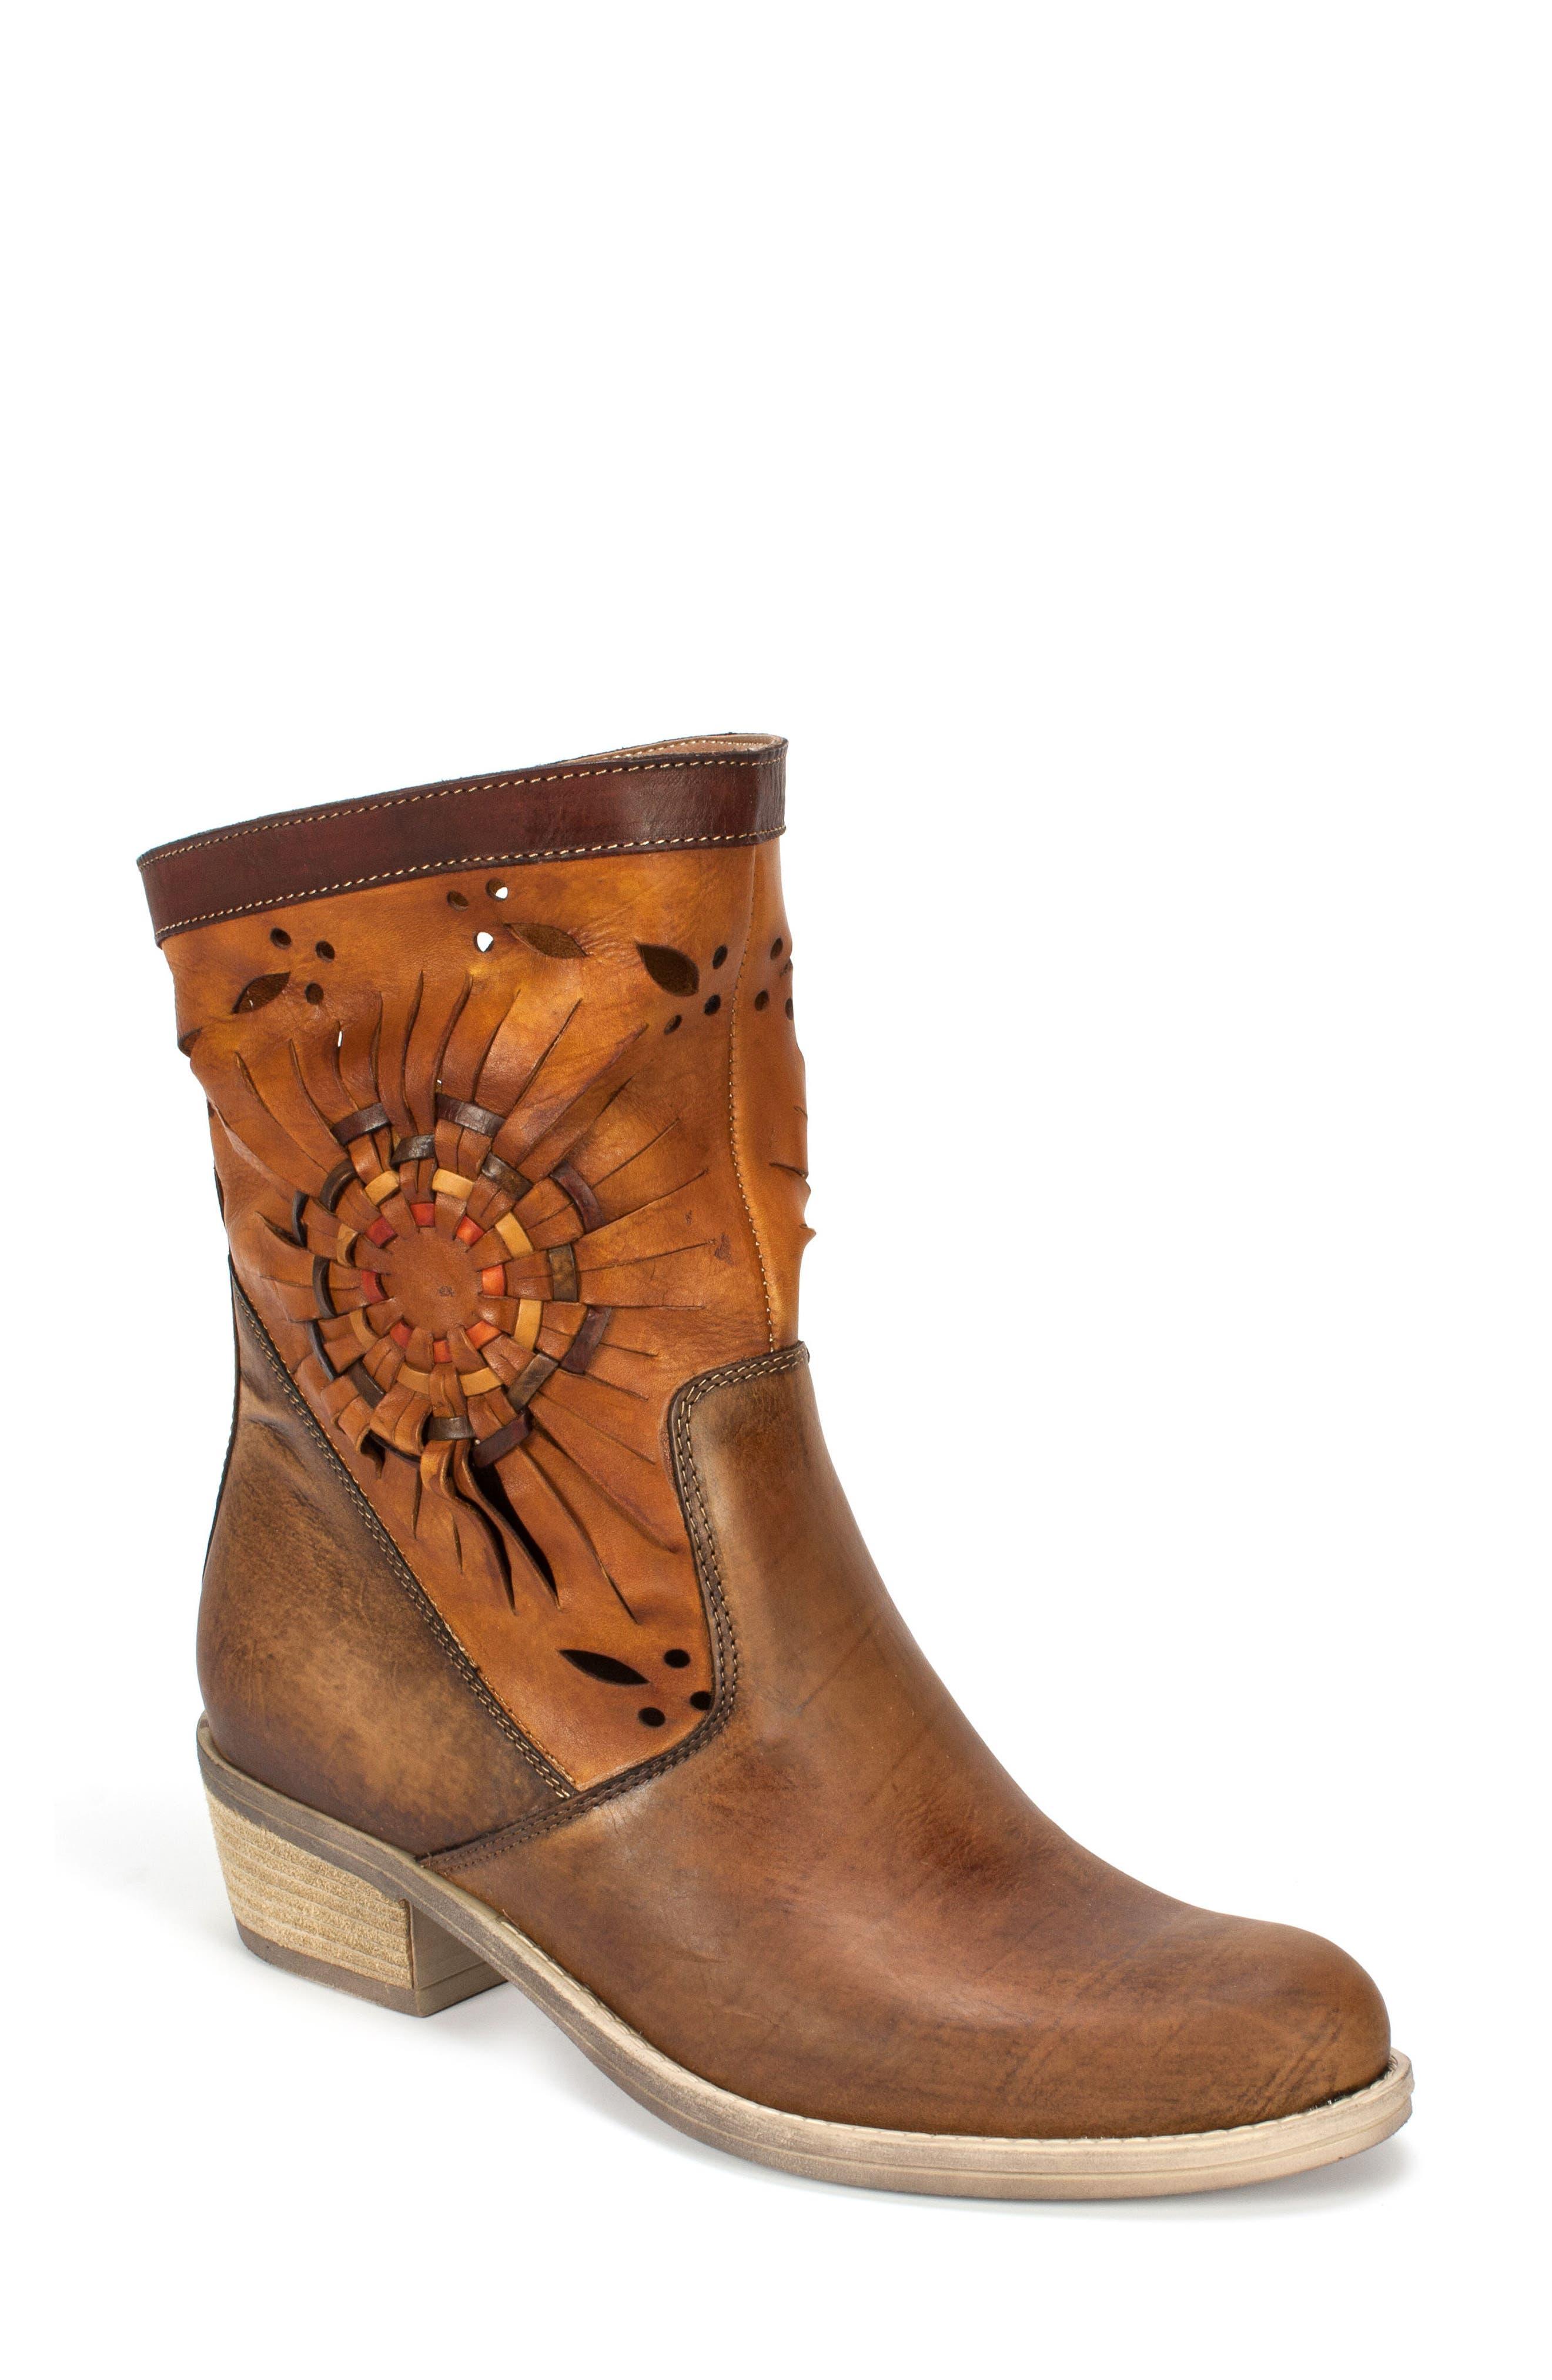 Taryn Woven Sunburst Boot,                             Main thumbnail 1, color,                             200